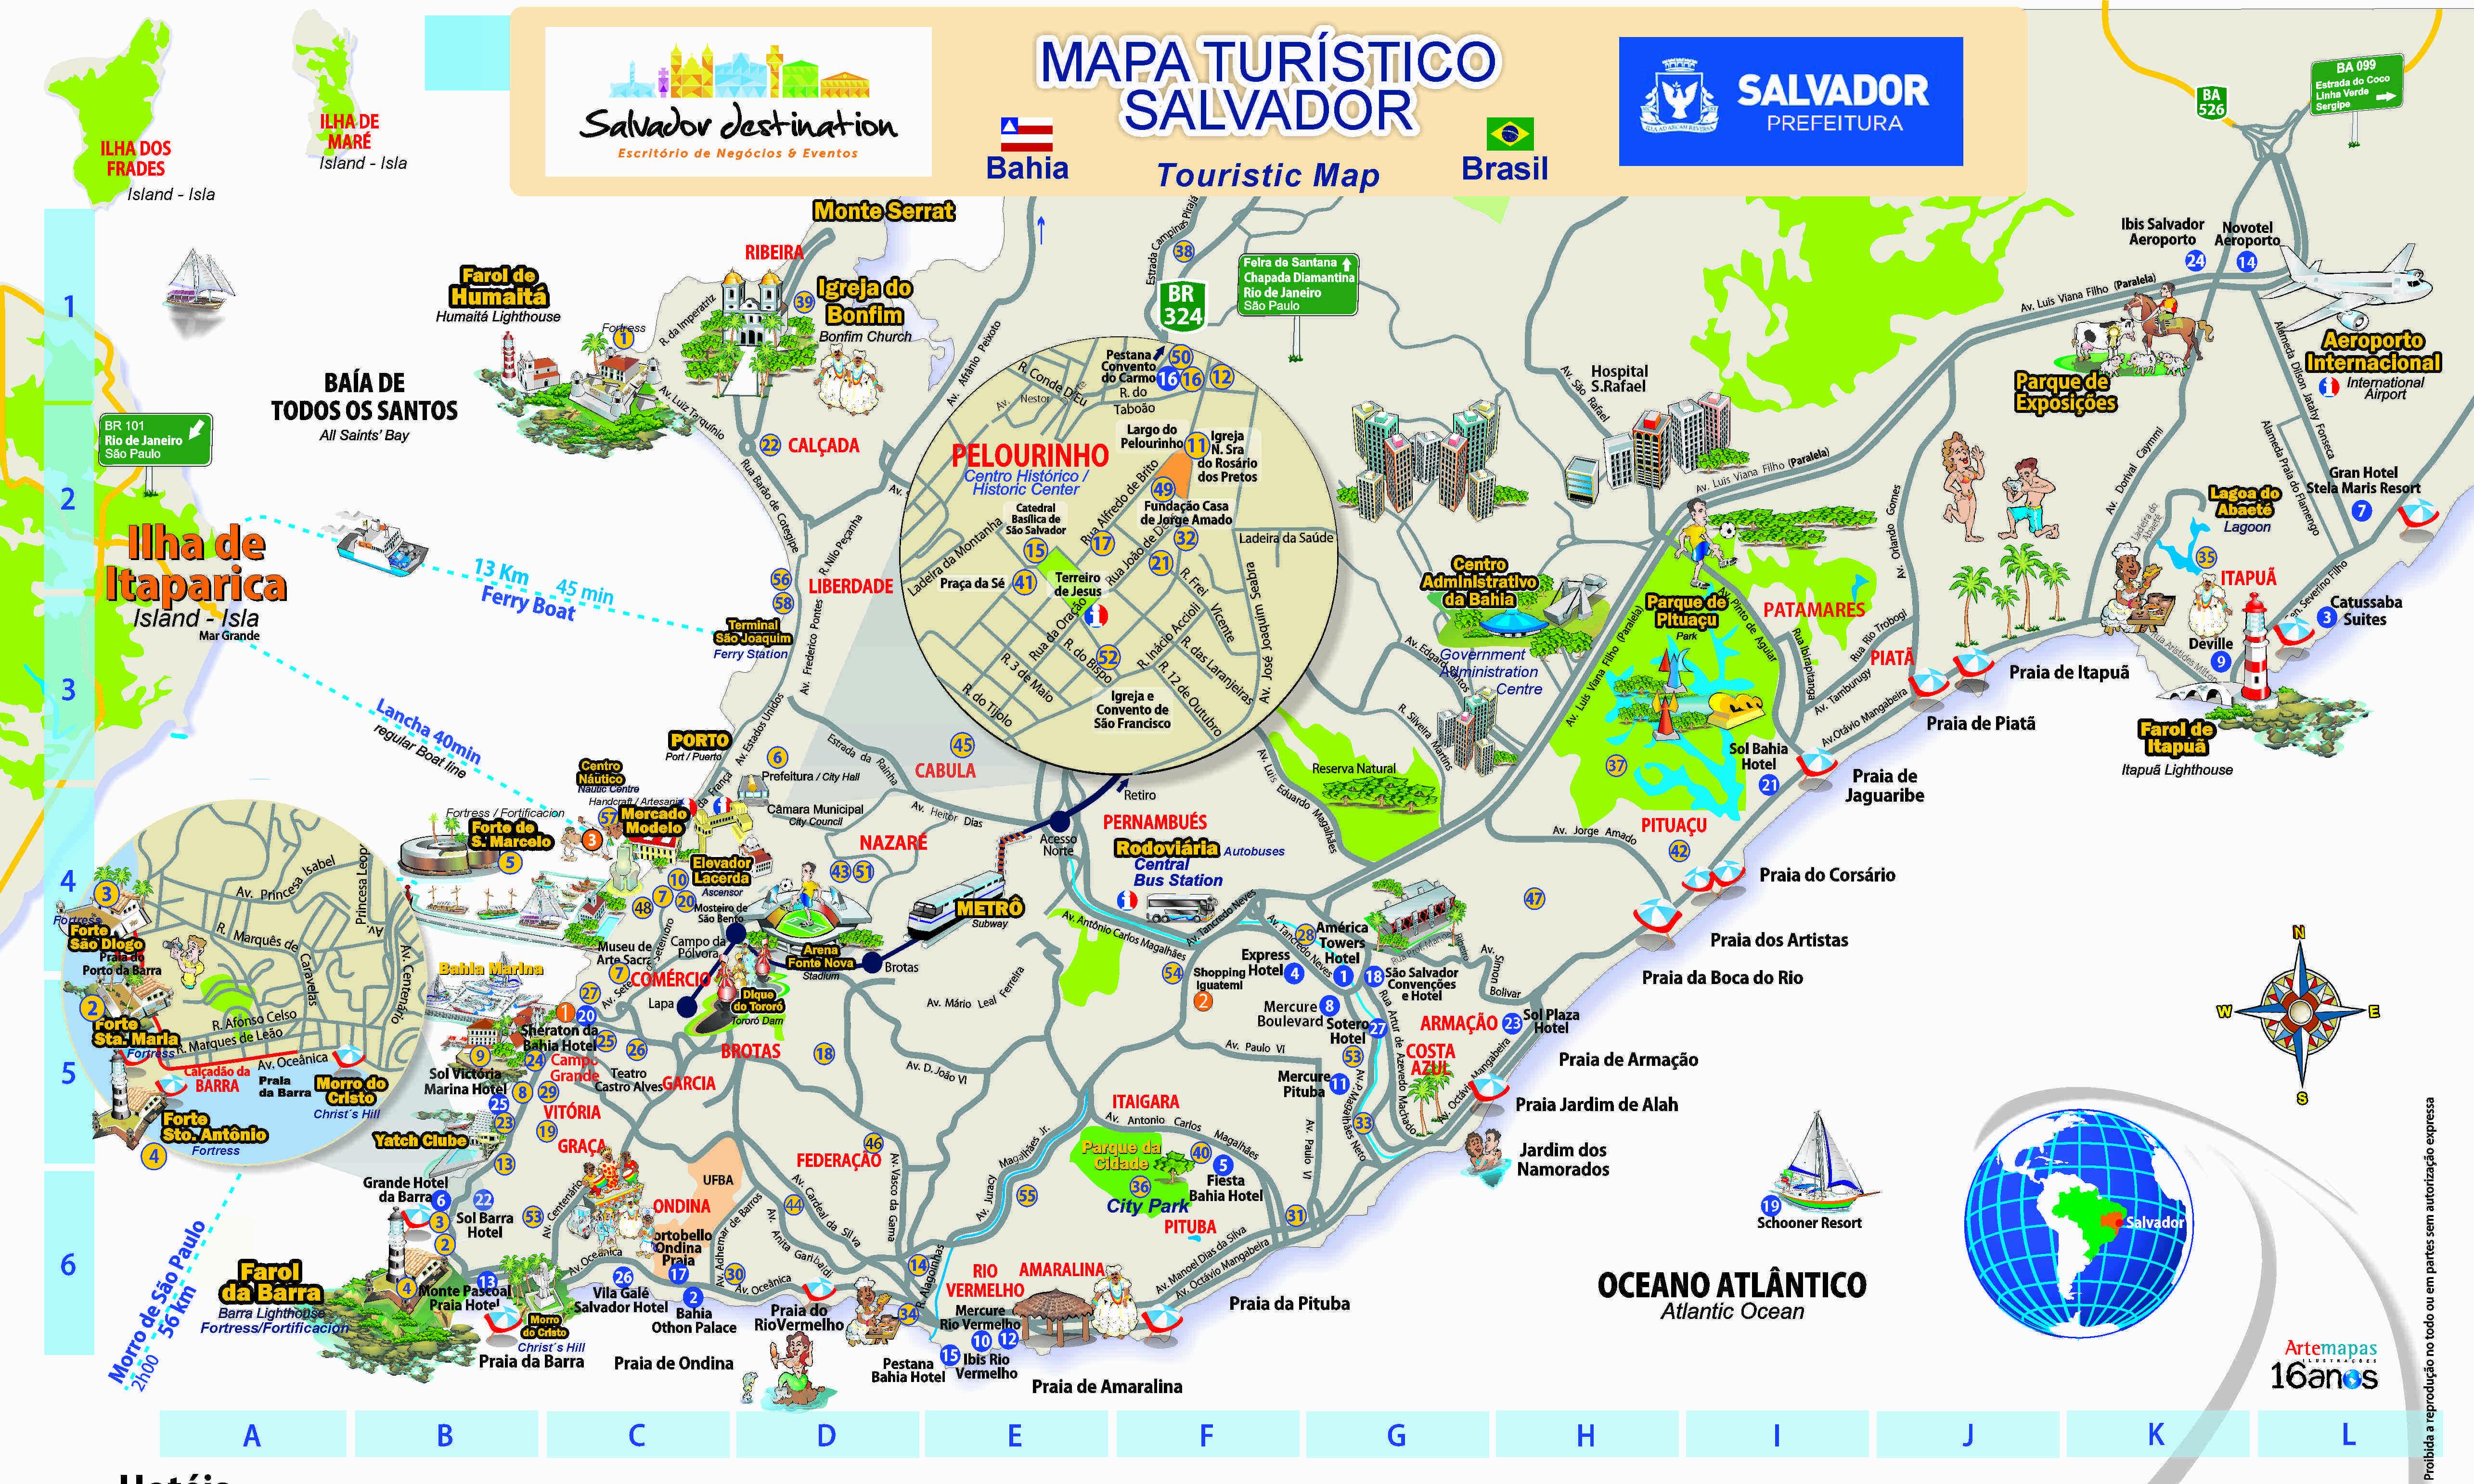 Mapa De Localização De Pontos De Vetor Localização De: Mapa Dos Pontos Turísticos De Salvador Da Bahia